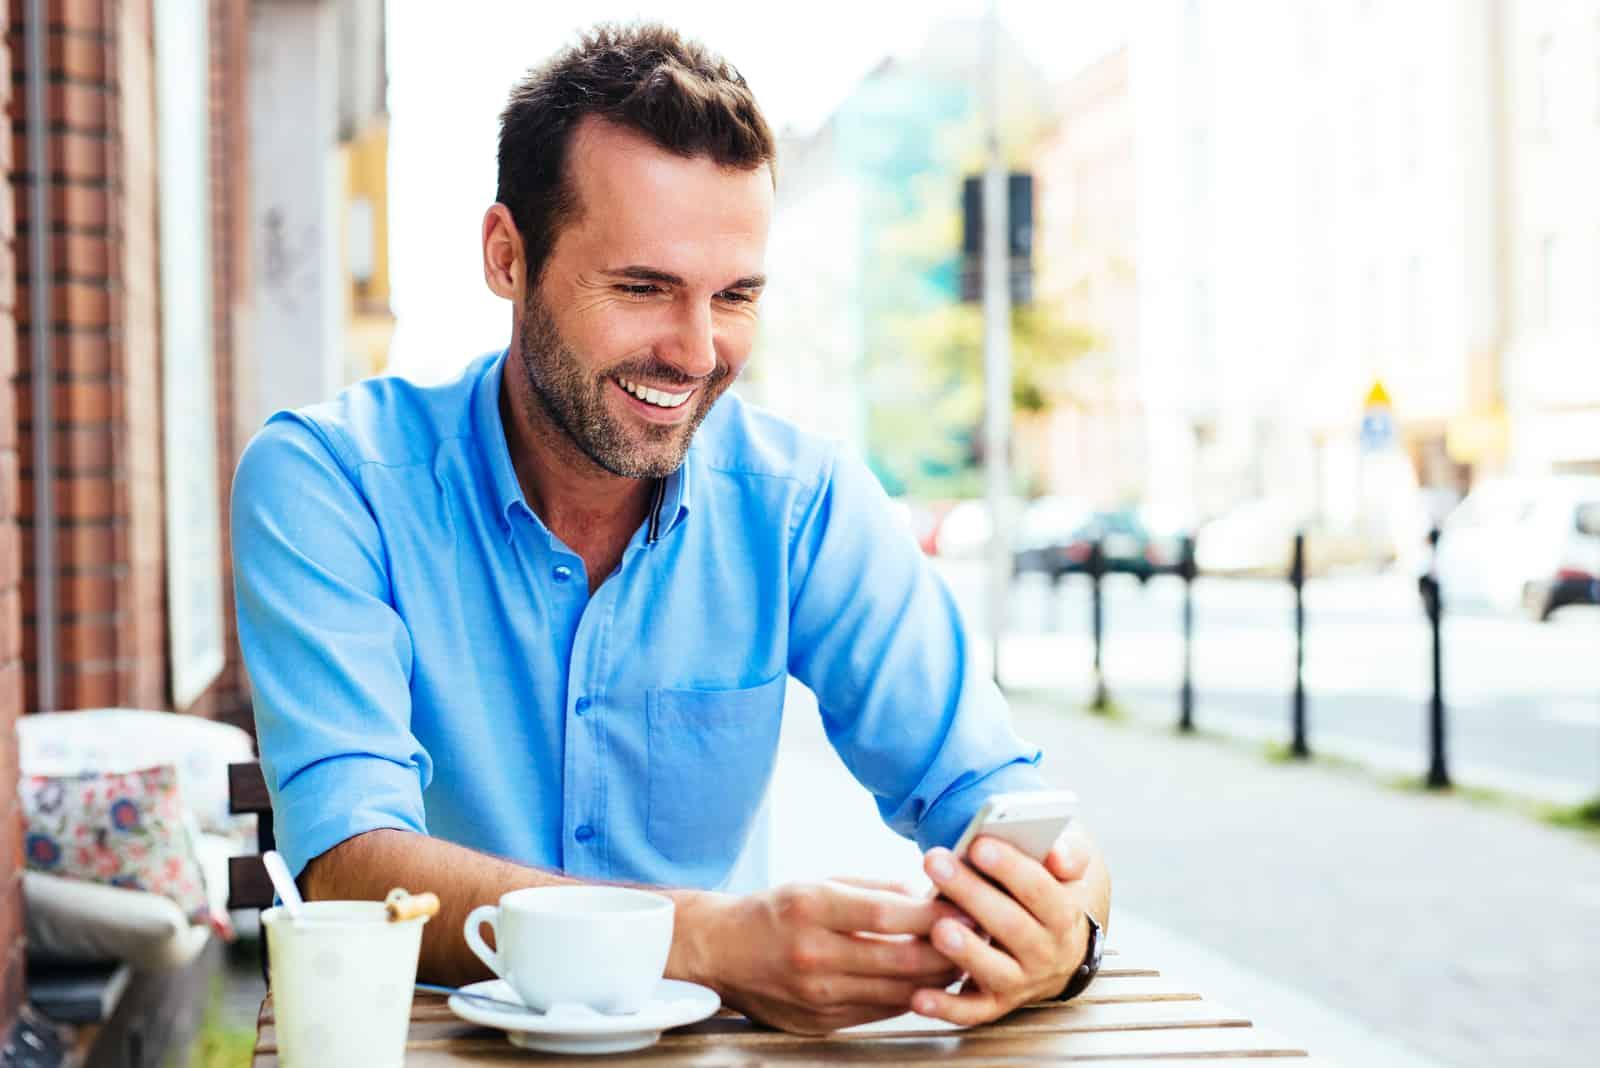 un homme souriant assis à une table en plein air et appuyant sur un téléphone